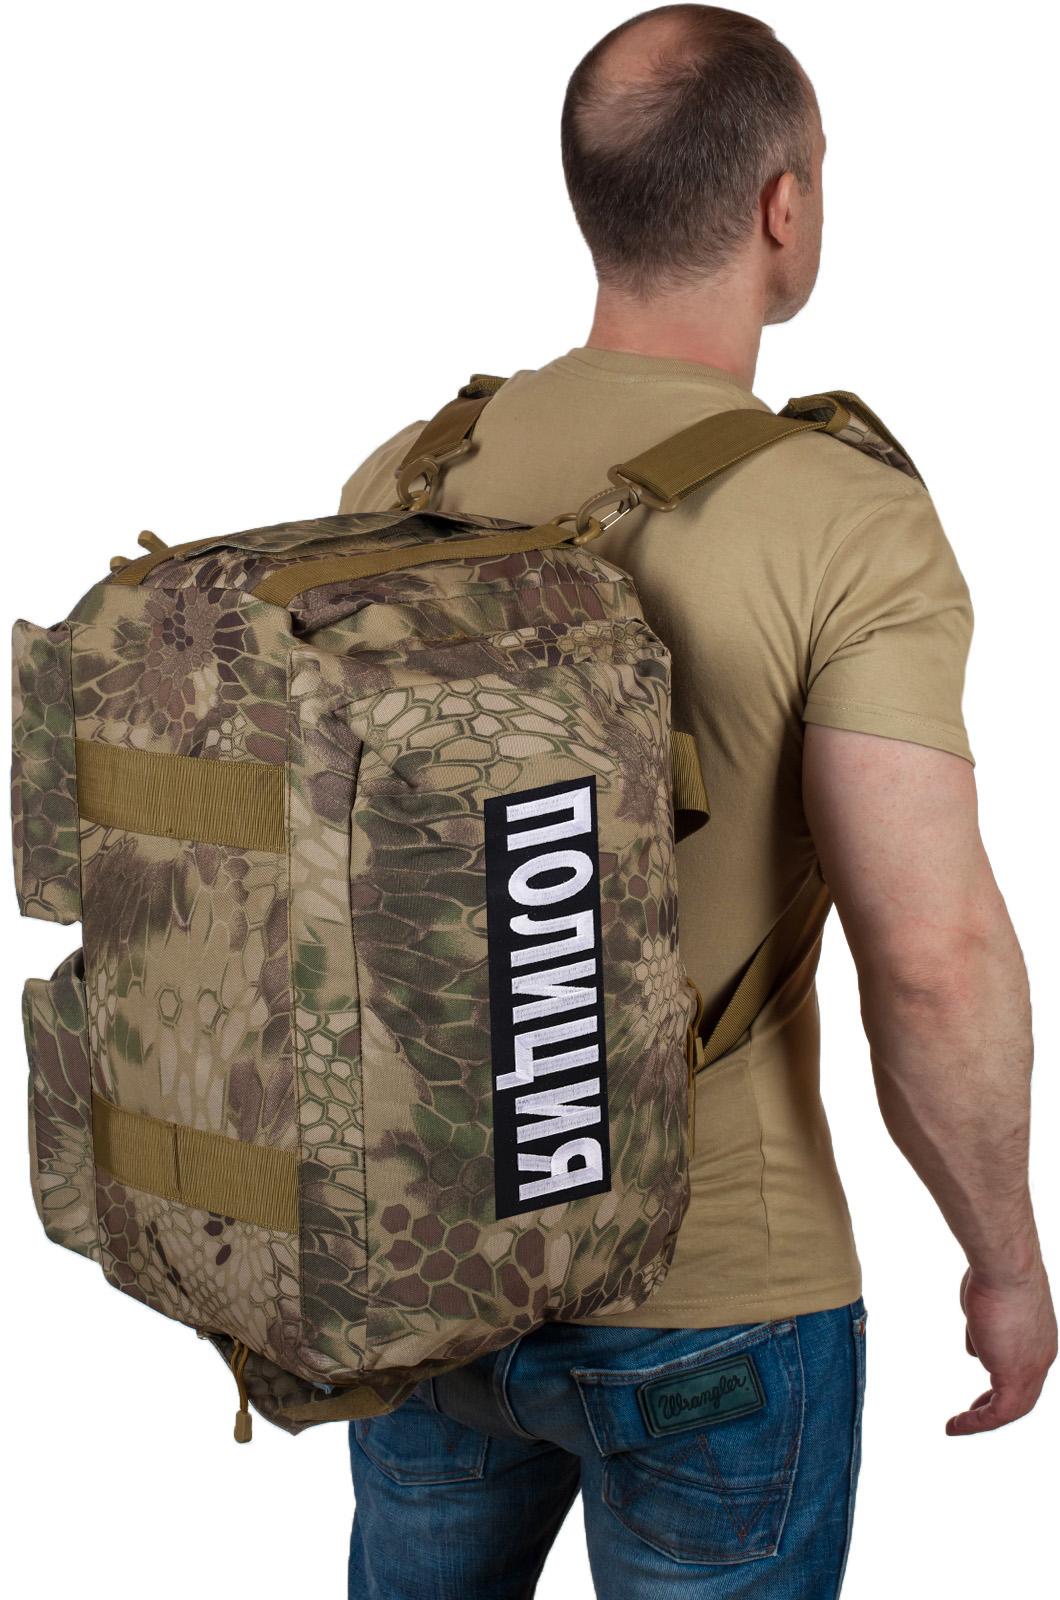 Купить тактическую сумку для походов с нашивкой Полиция оптом или в розницу